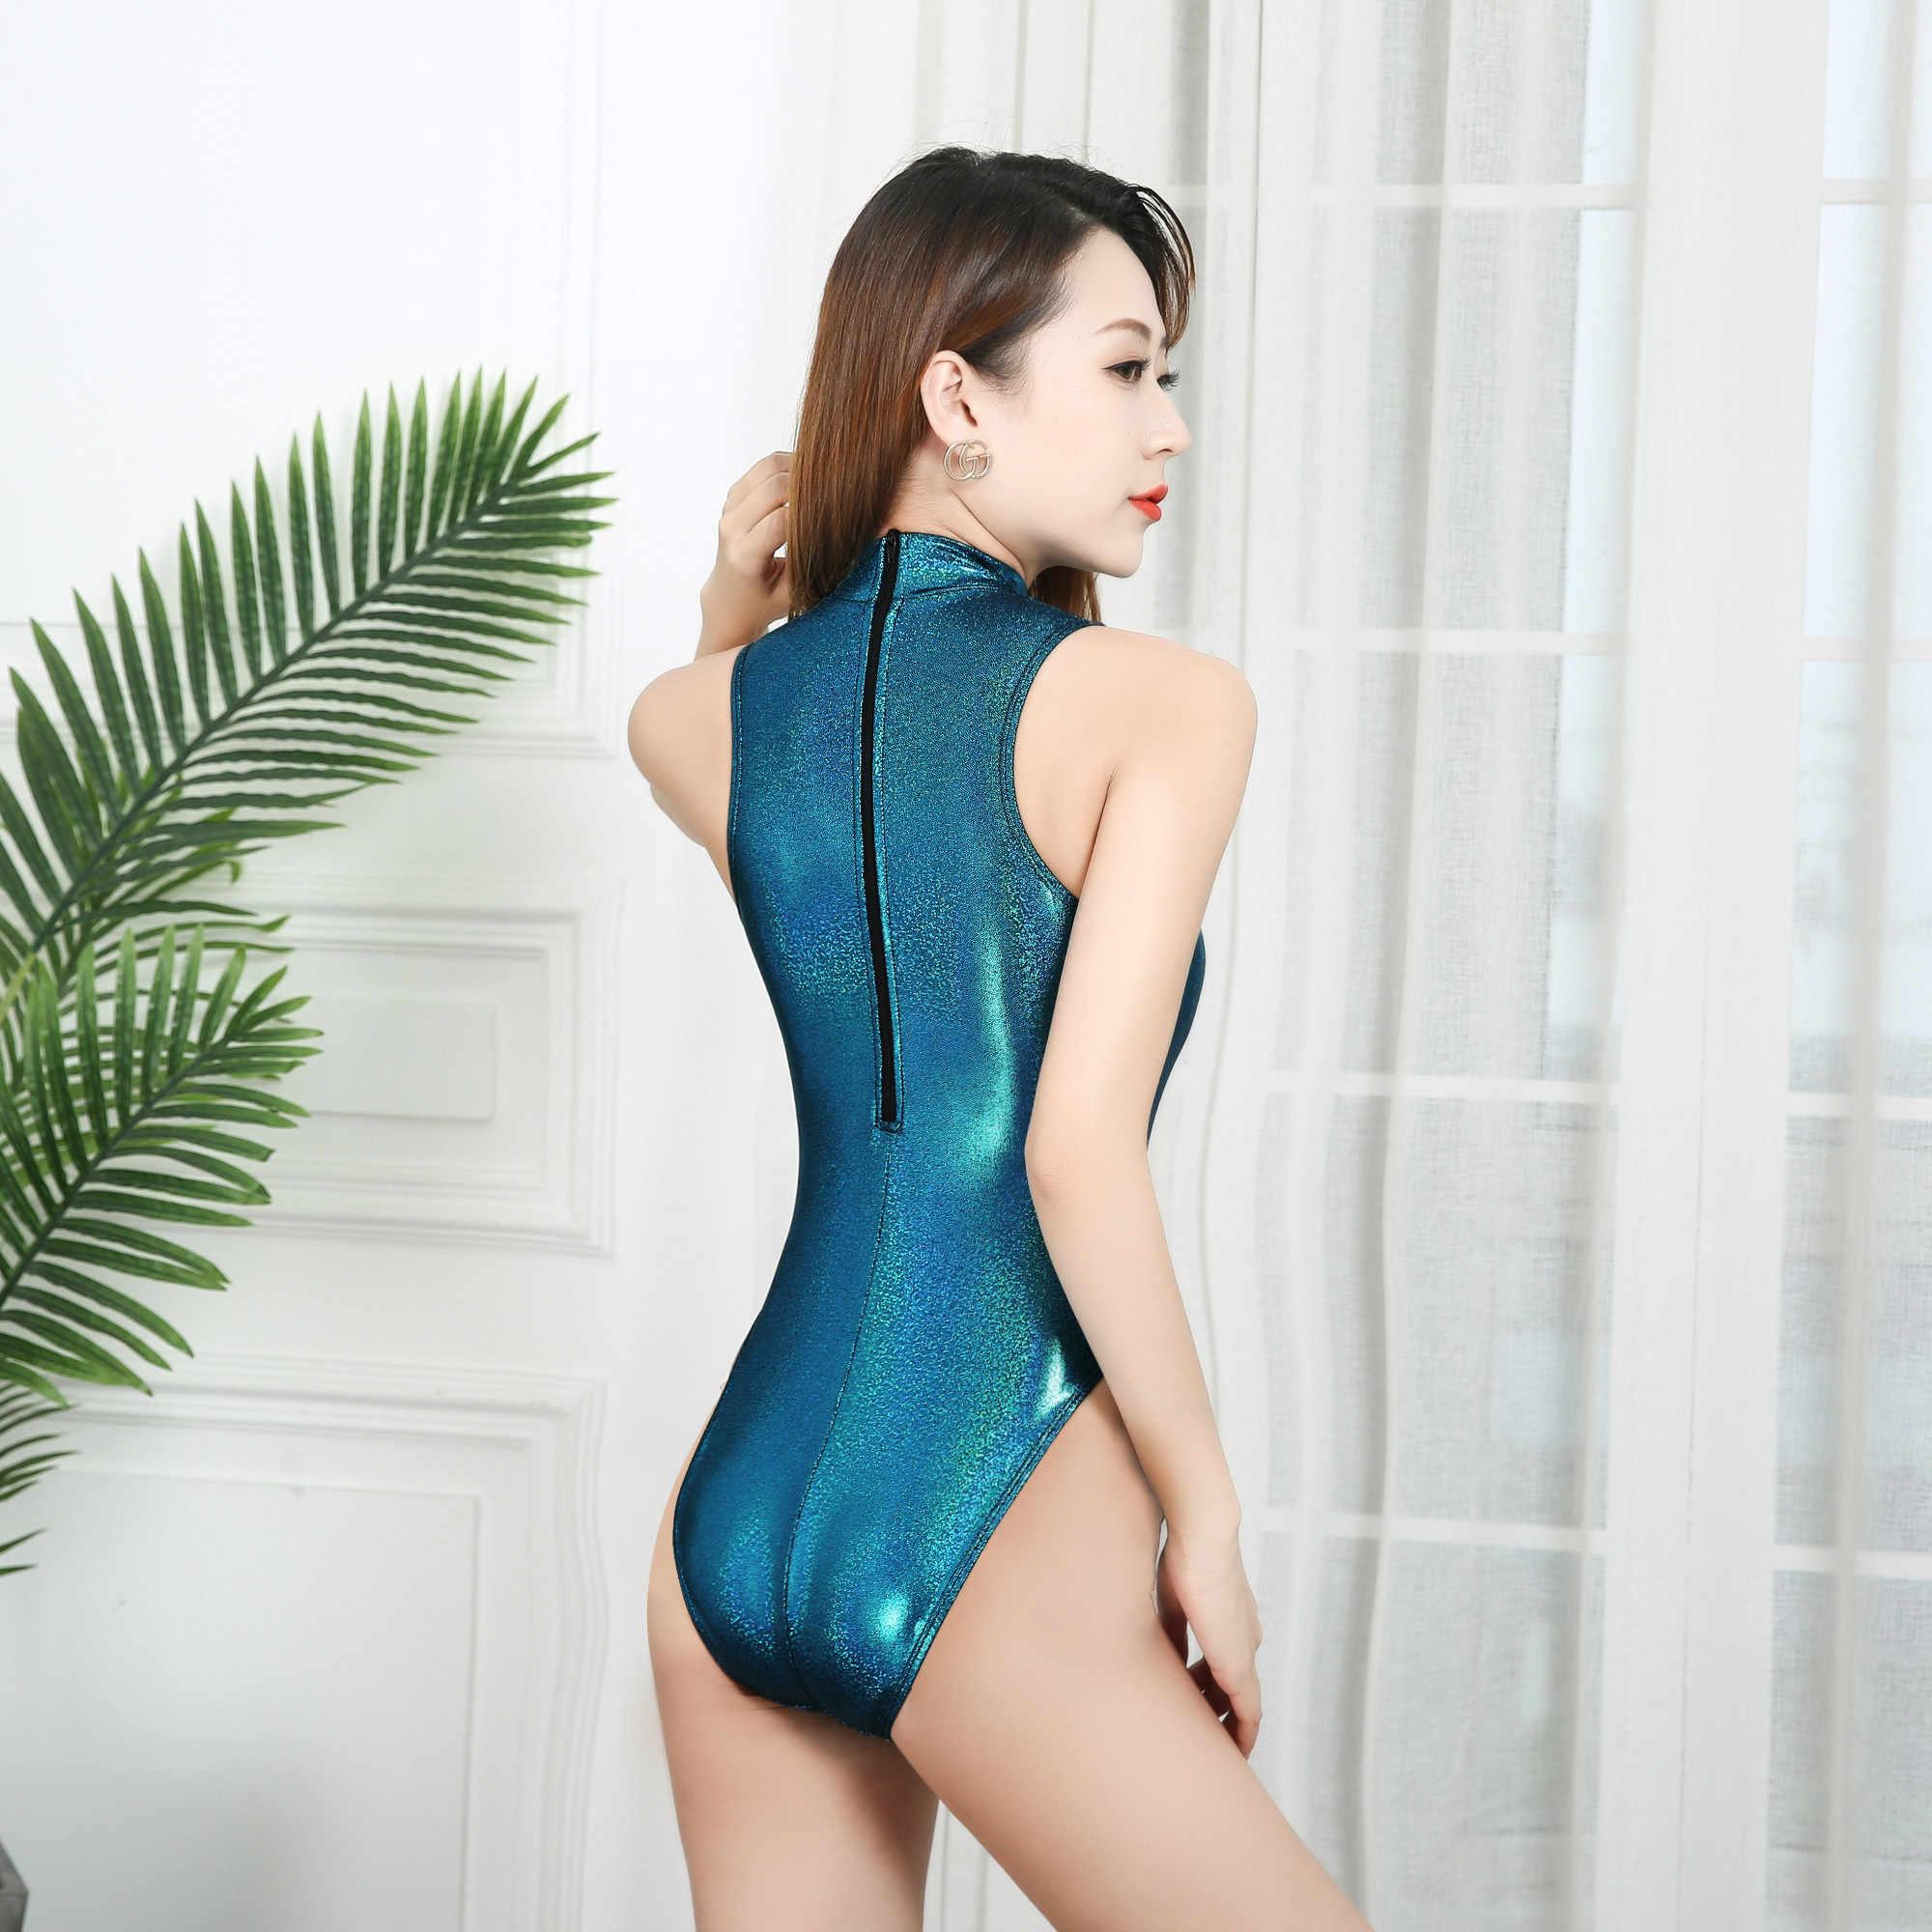 Wiem sen mikrobikini stroje kąpielowe kobiety strój kąpielowy wysokiej talii Bikini kąpiel kobiety szydełka Bikini niebieski uczeń seksowny zestaw Bikini Soli